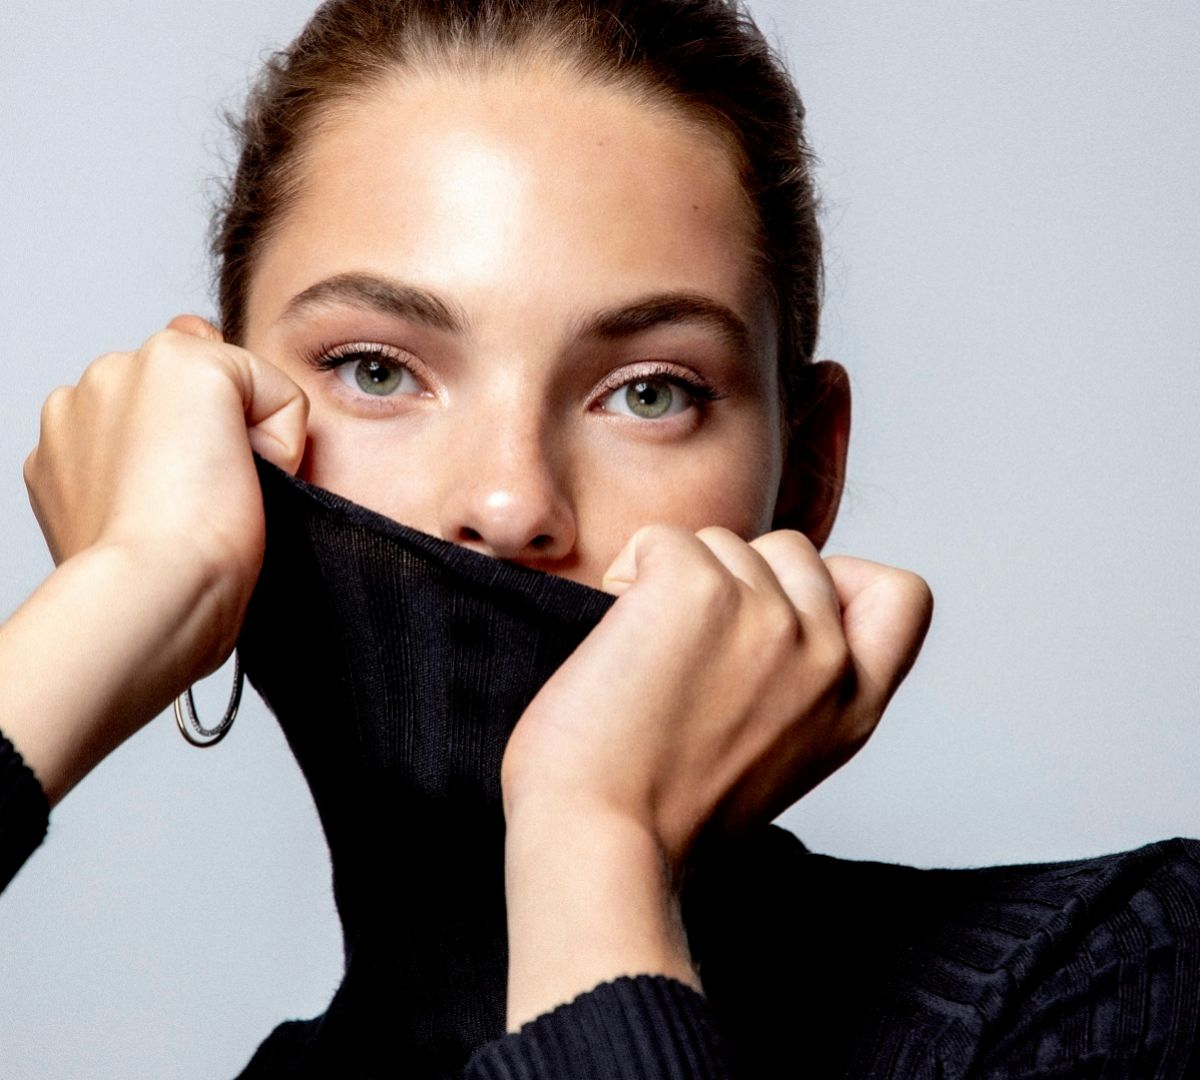 La necesidad de usar mascarilla para prevenir contagios puede afectar a tu piel, respiración y sistema nervioso.